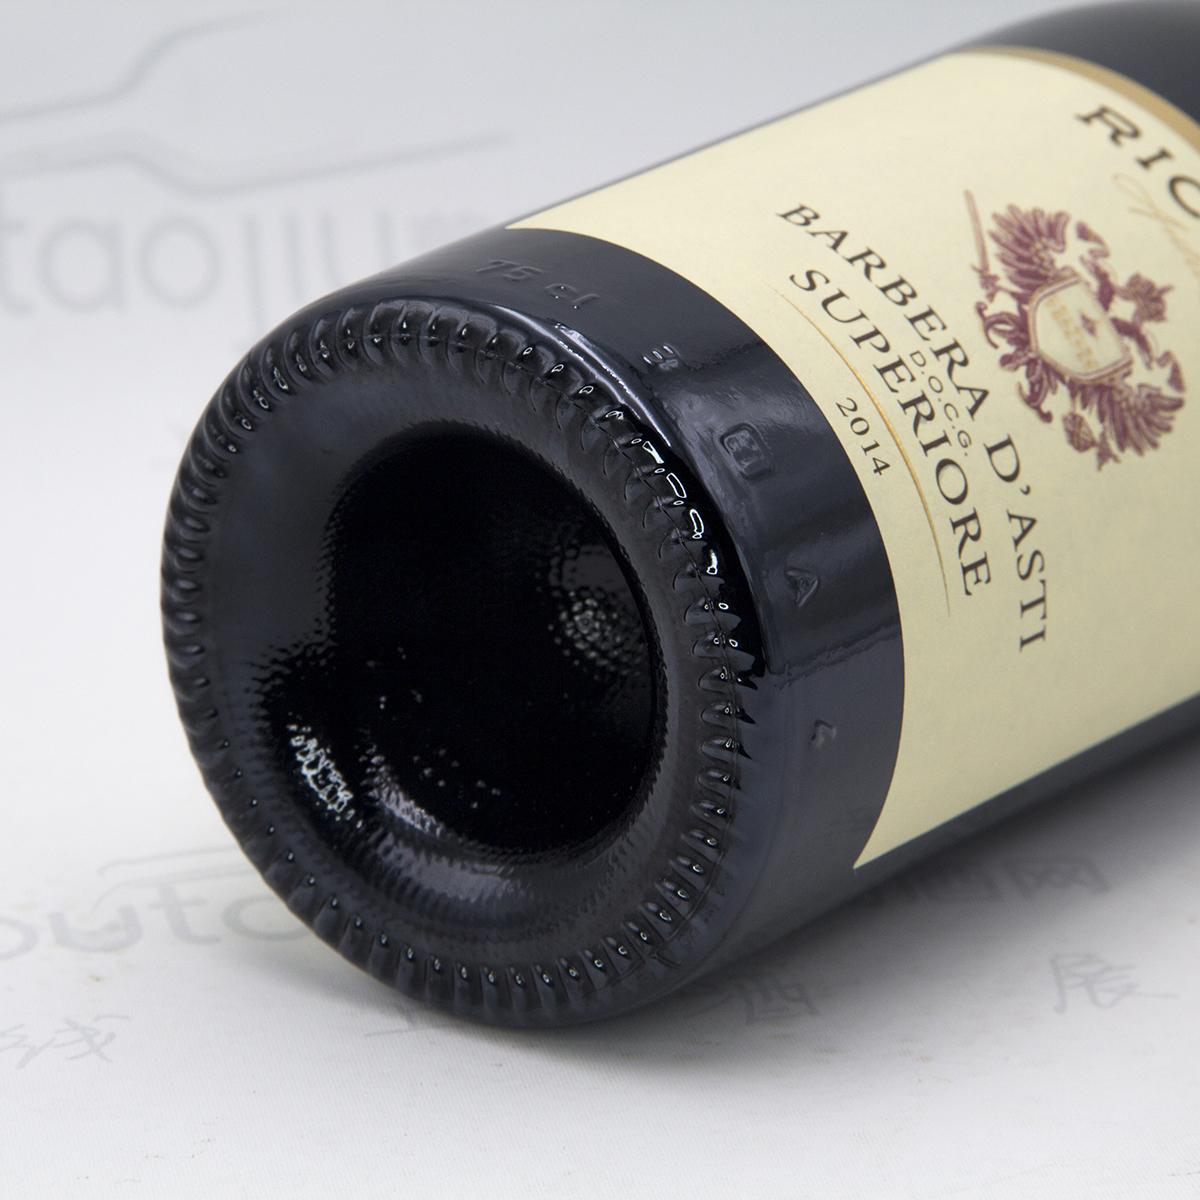 雷克萨巴贝拉阿斯蒂精选红葡萄酒